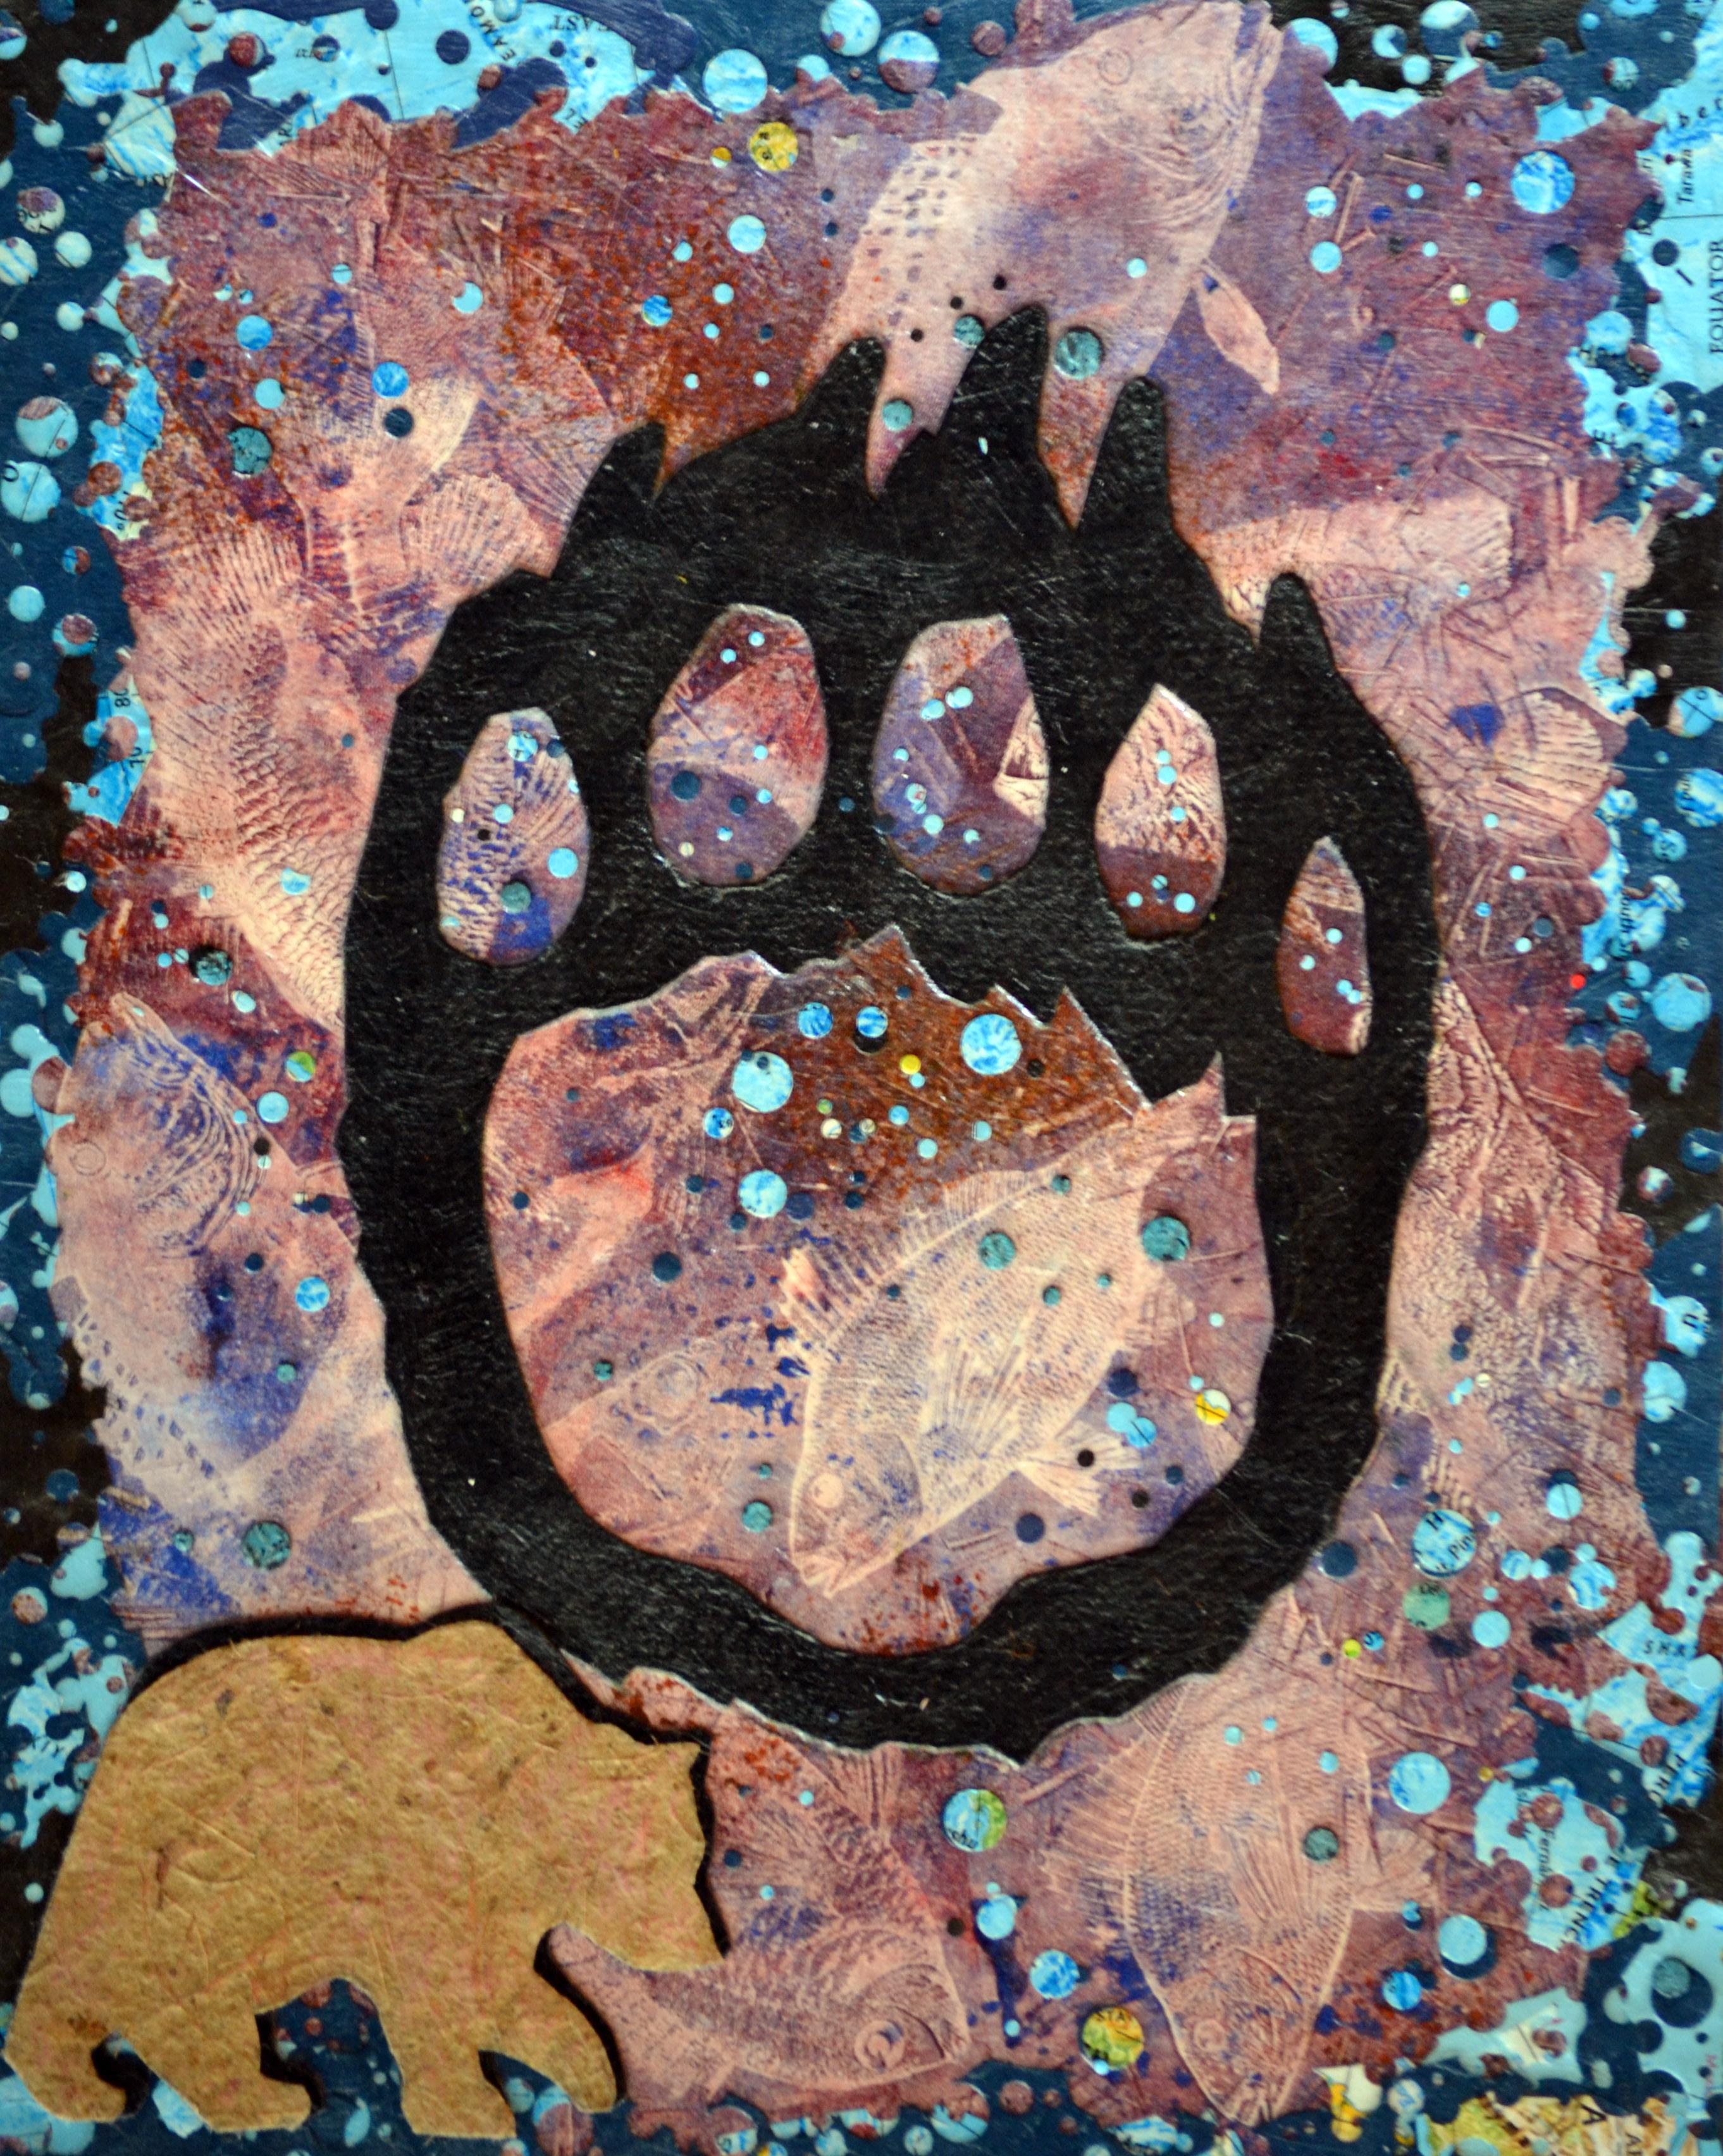 DSC_1343 Kodiak paw print